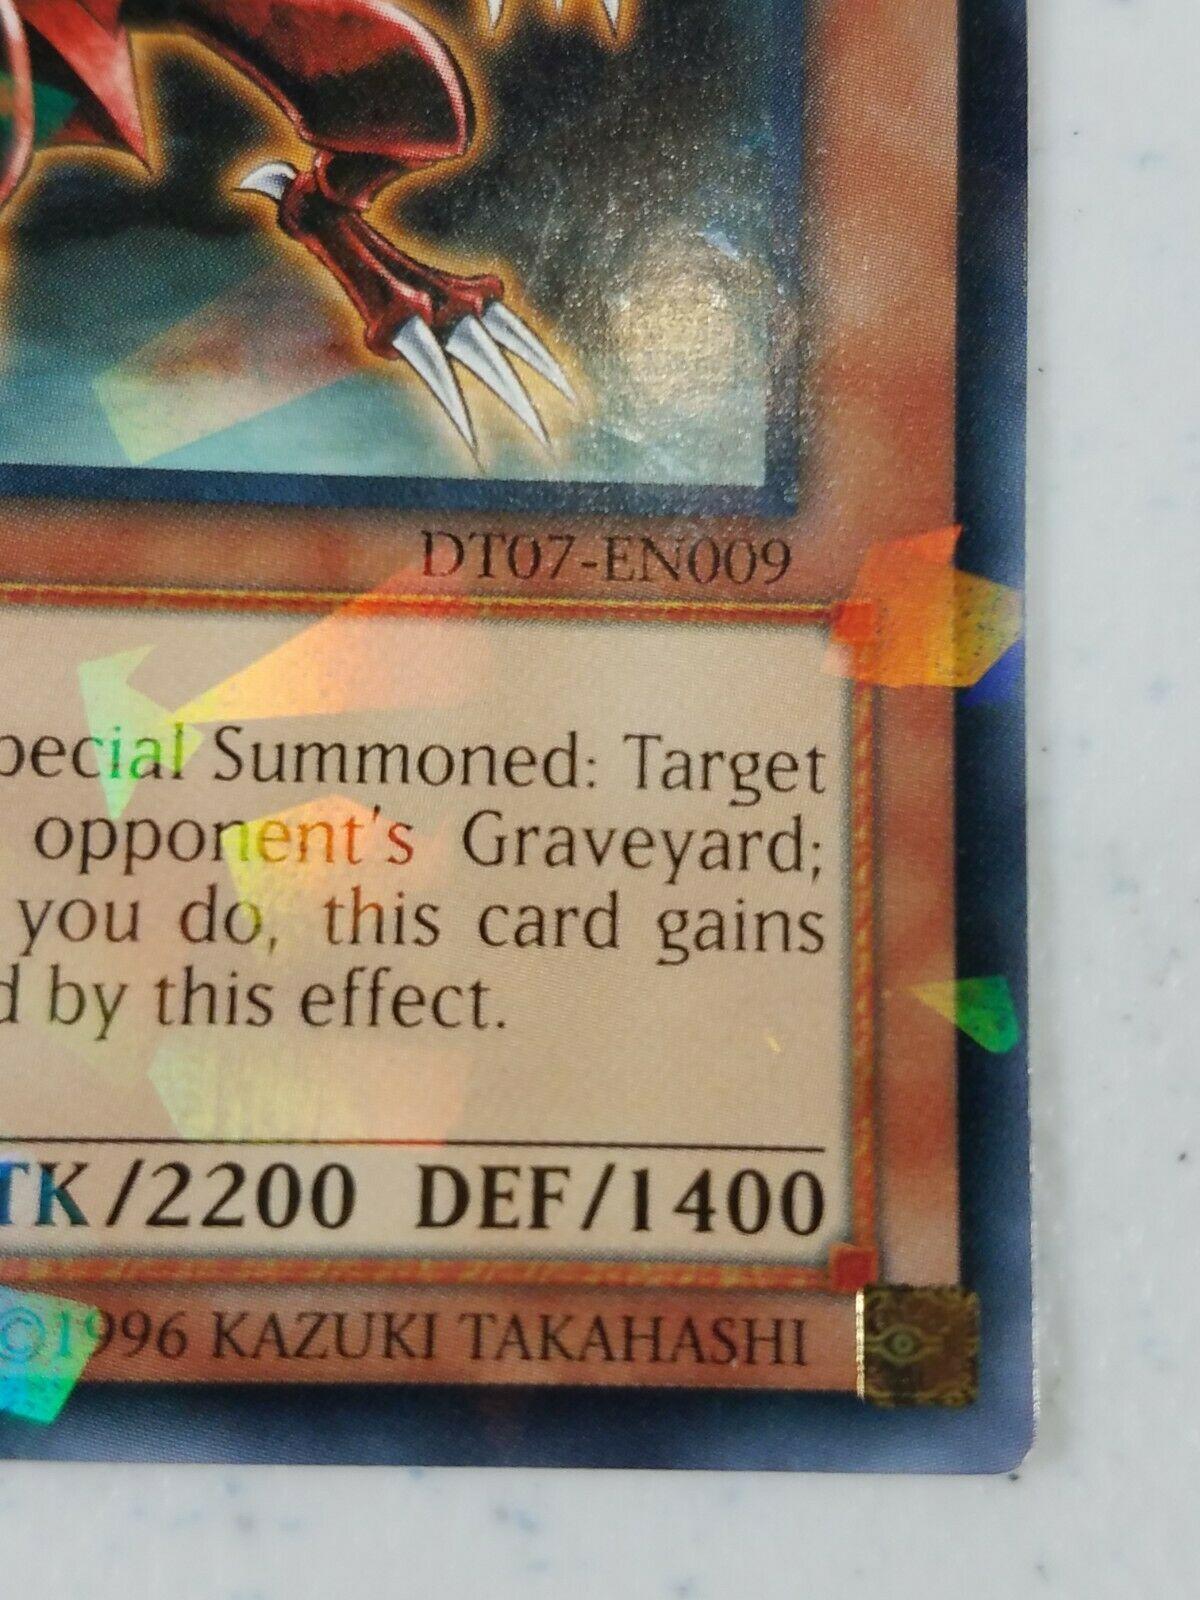 Yu-gi-oh! Trading Card - White-Horned Dragon - DT07-EN009 - Rare Parallel Rare